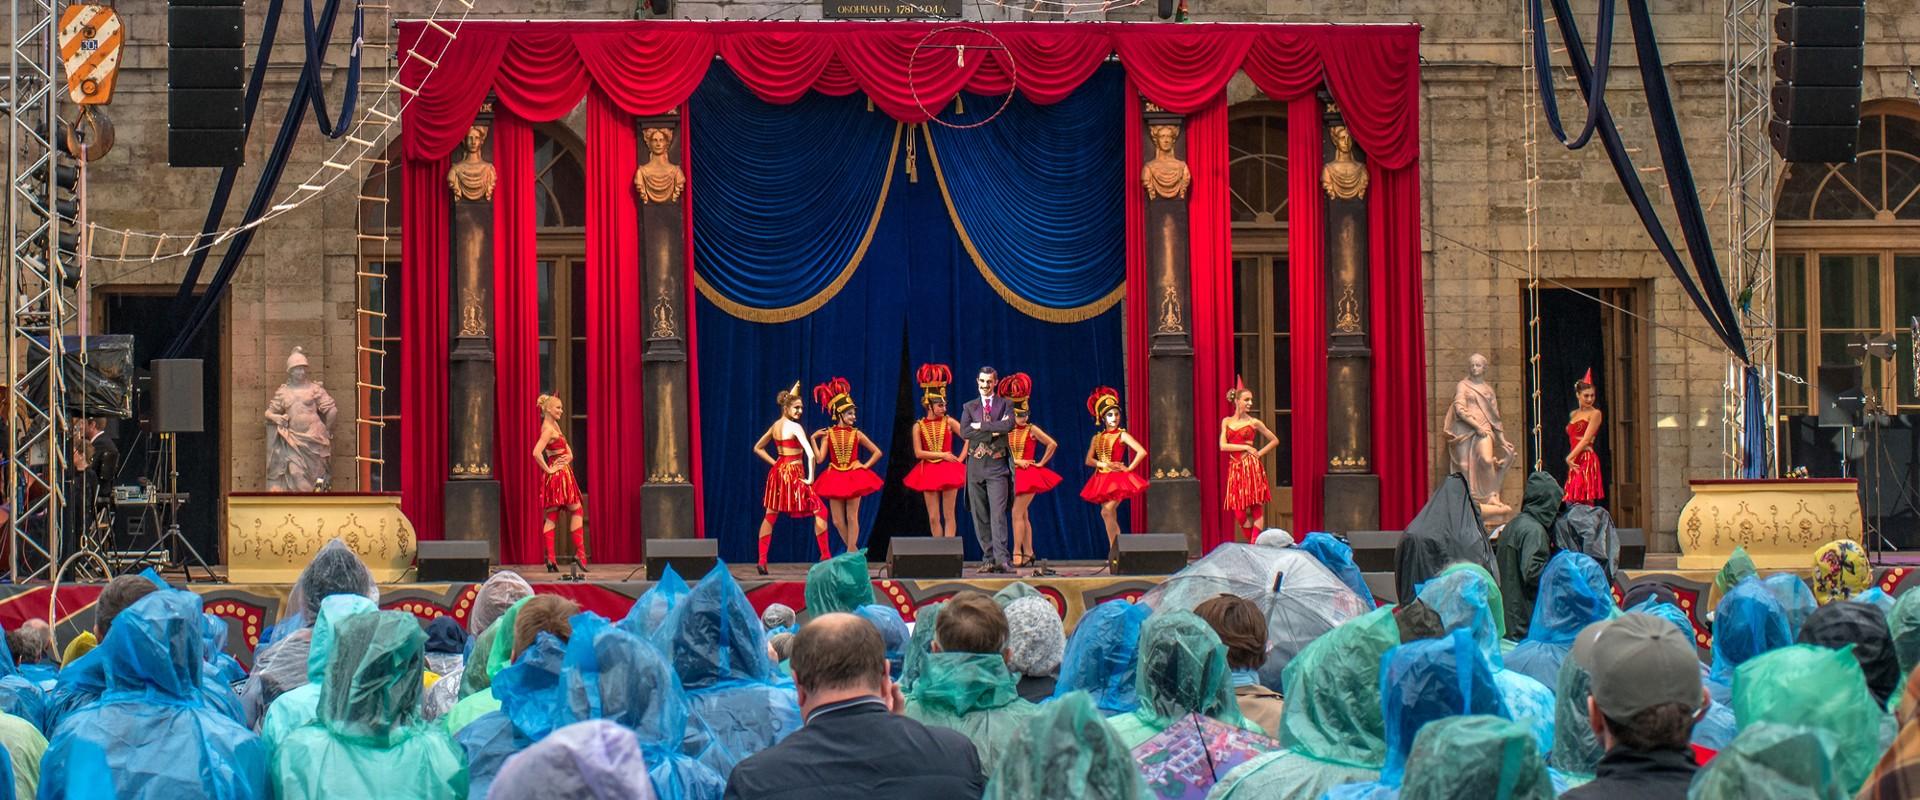 Бесплатное мероприятие в Петербурге